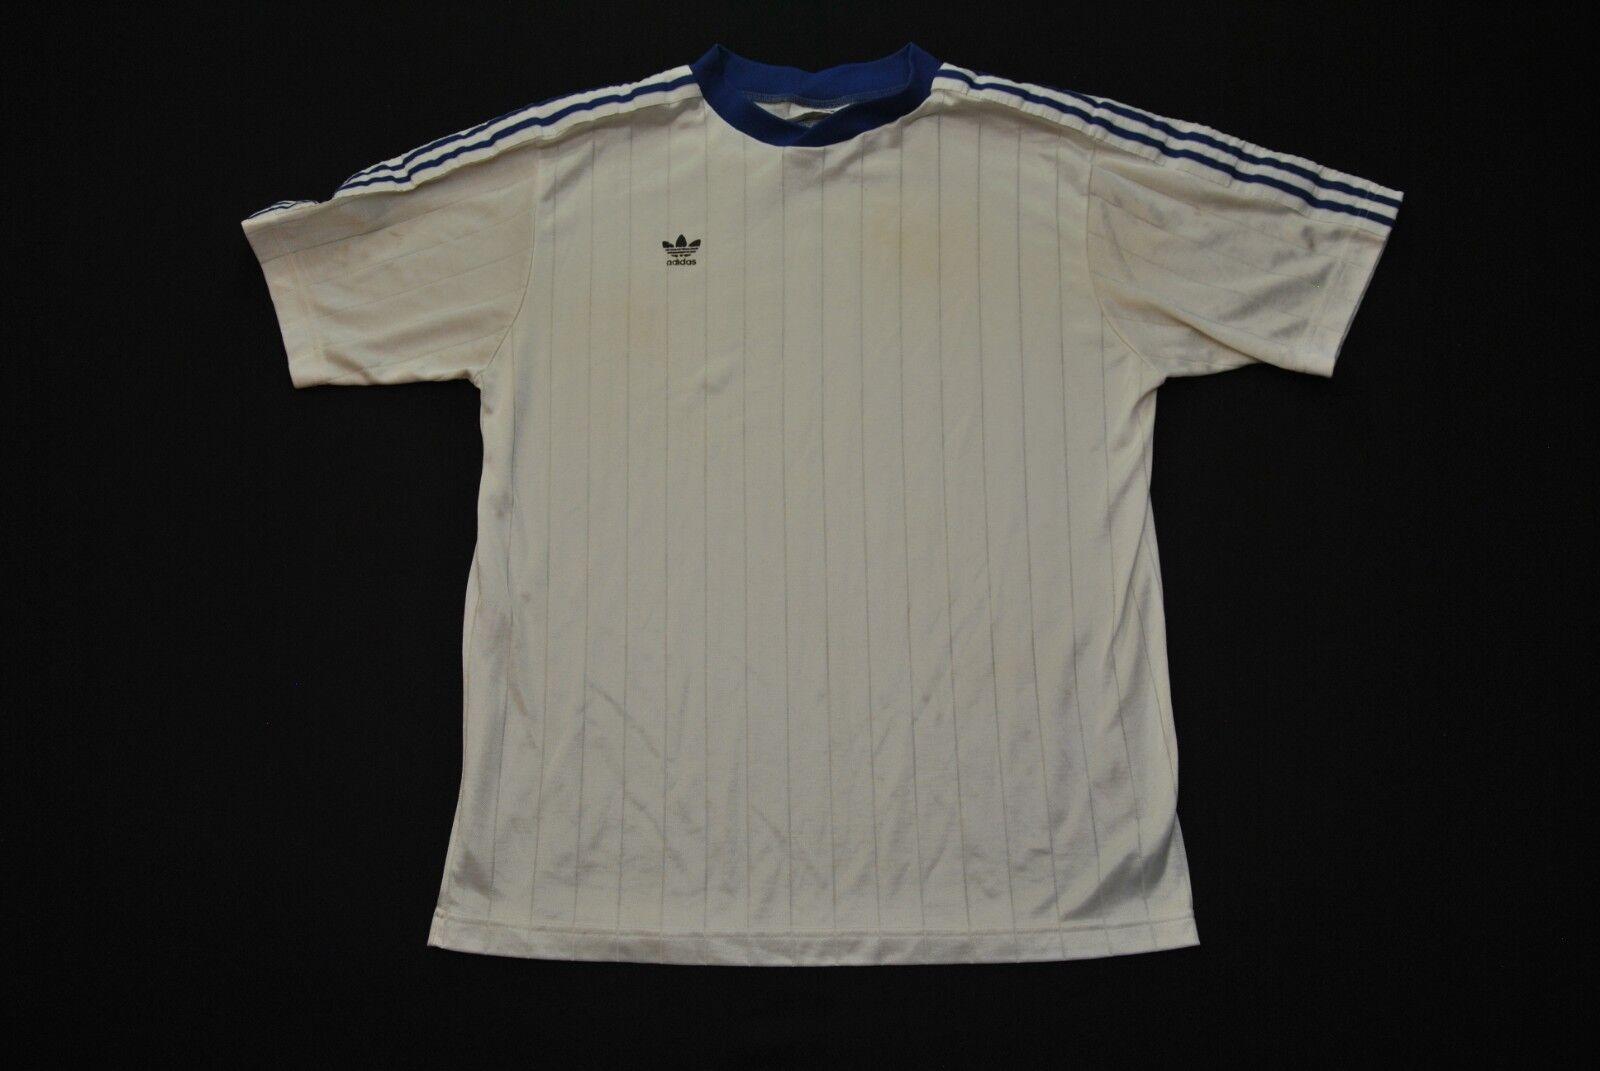 VTG Adidas Soccer Jersey Men's L 80s Large White